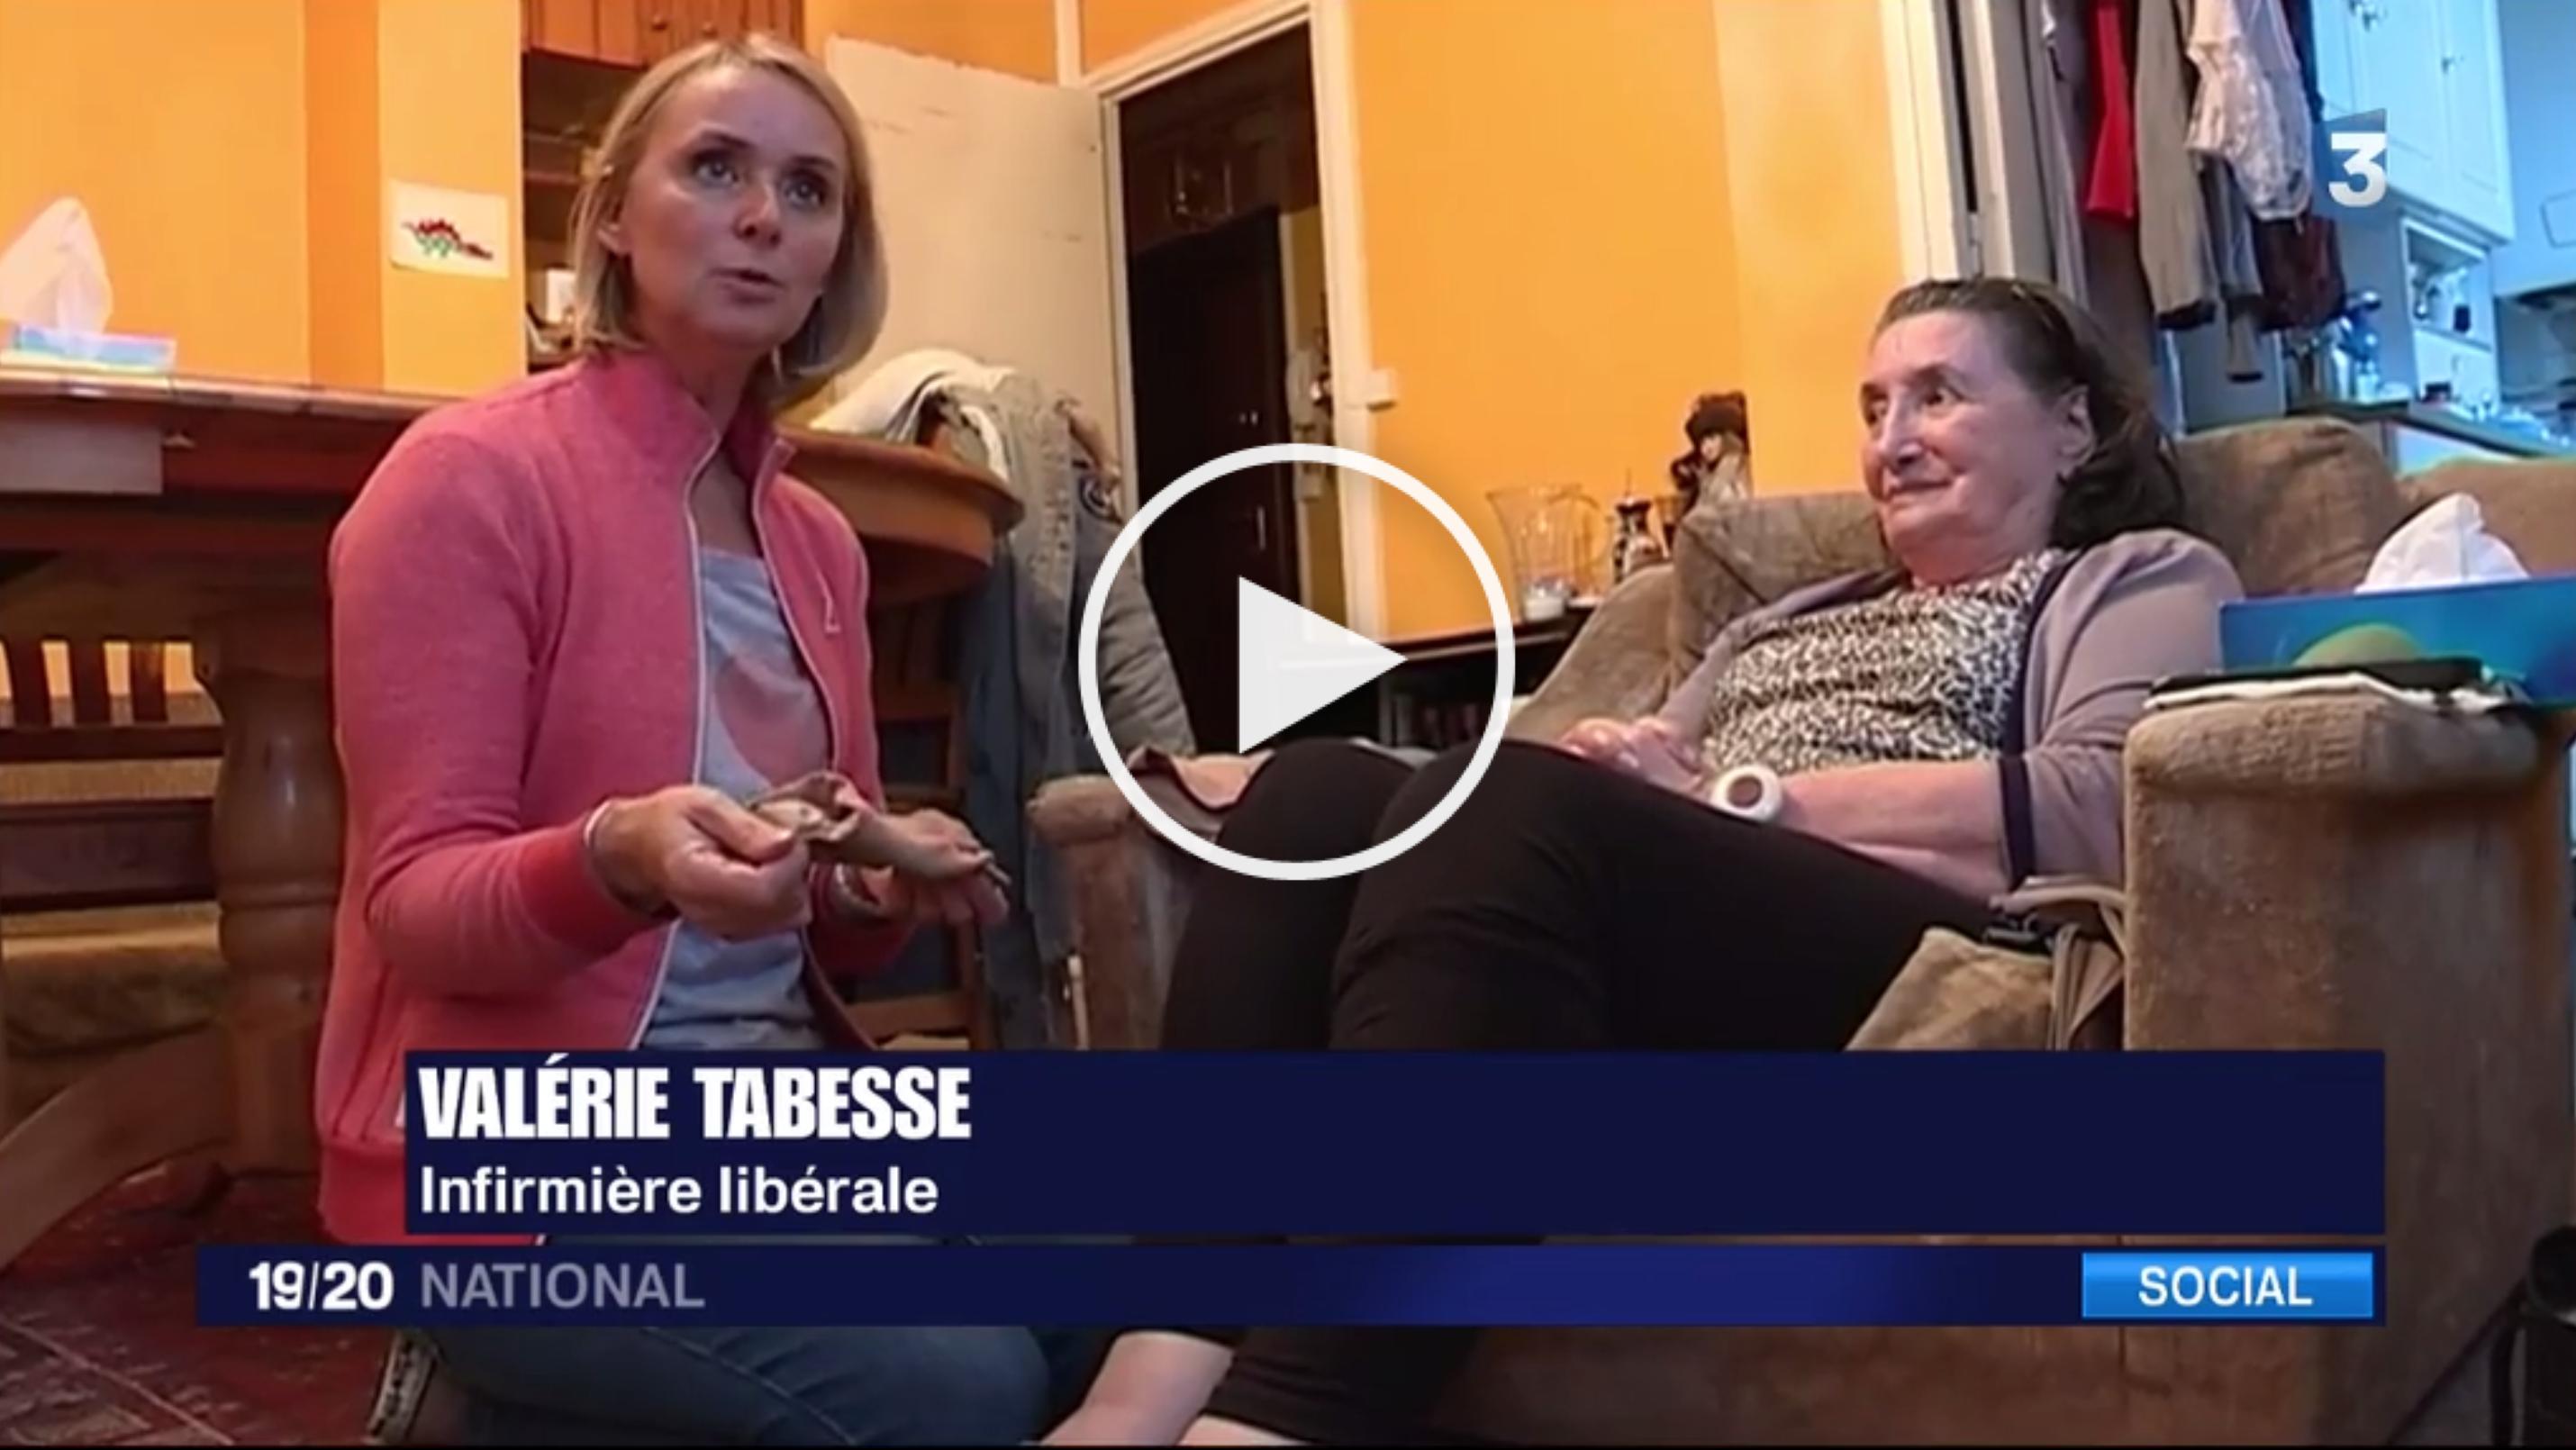 """Reportage France 3 : """"Le ras-le-bol des infirmières libérales"""" !"""